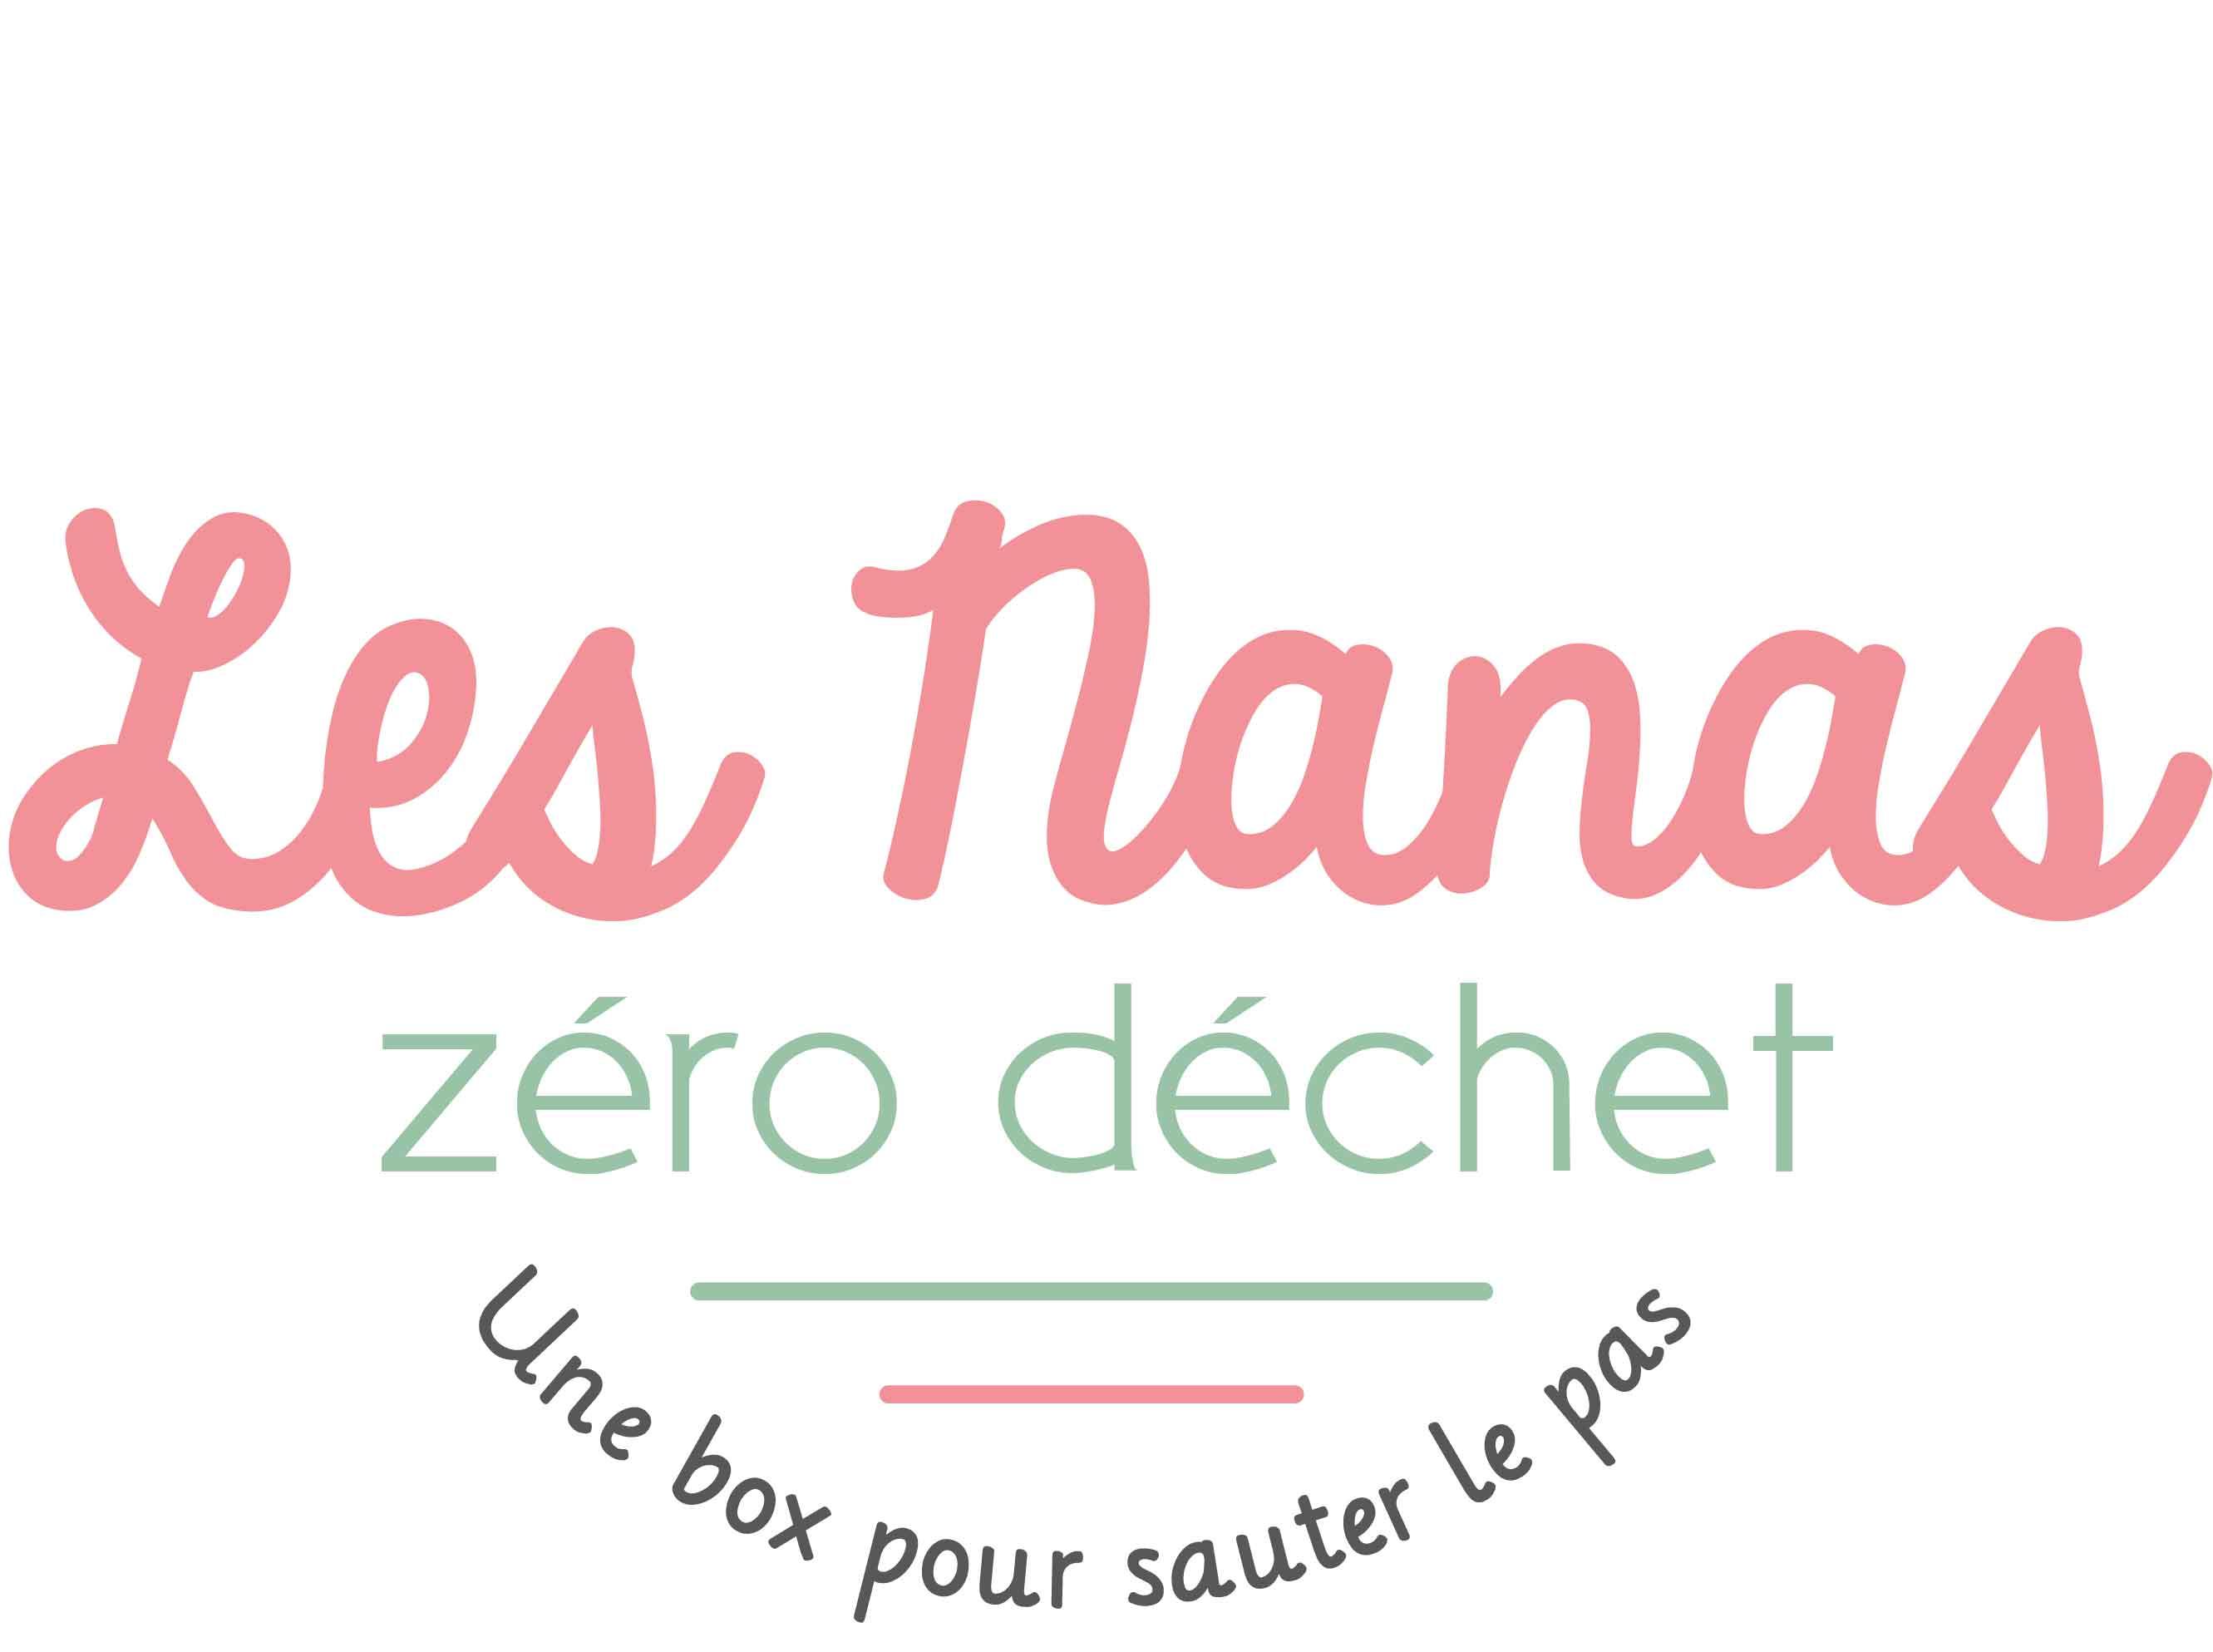 Les Nanas Zéro Déchet